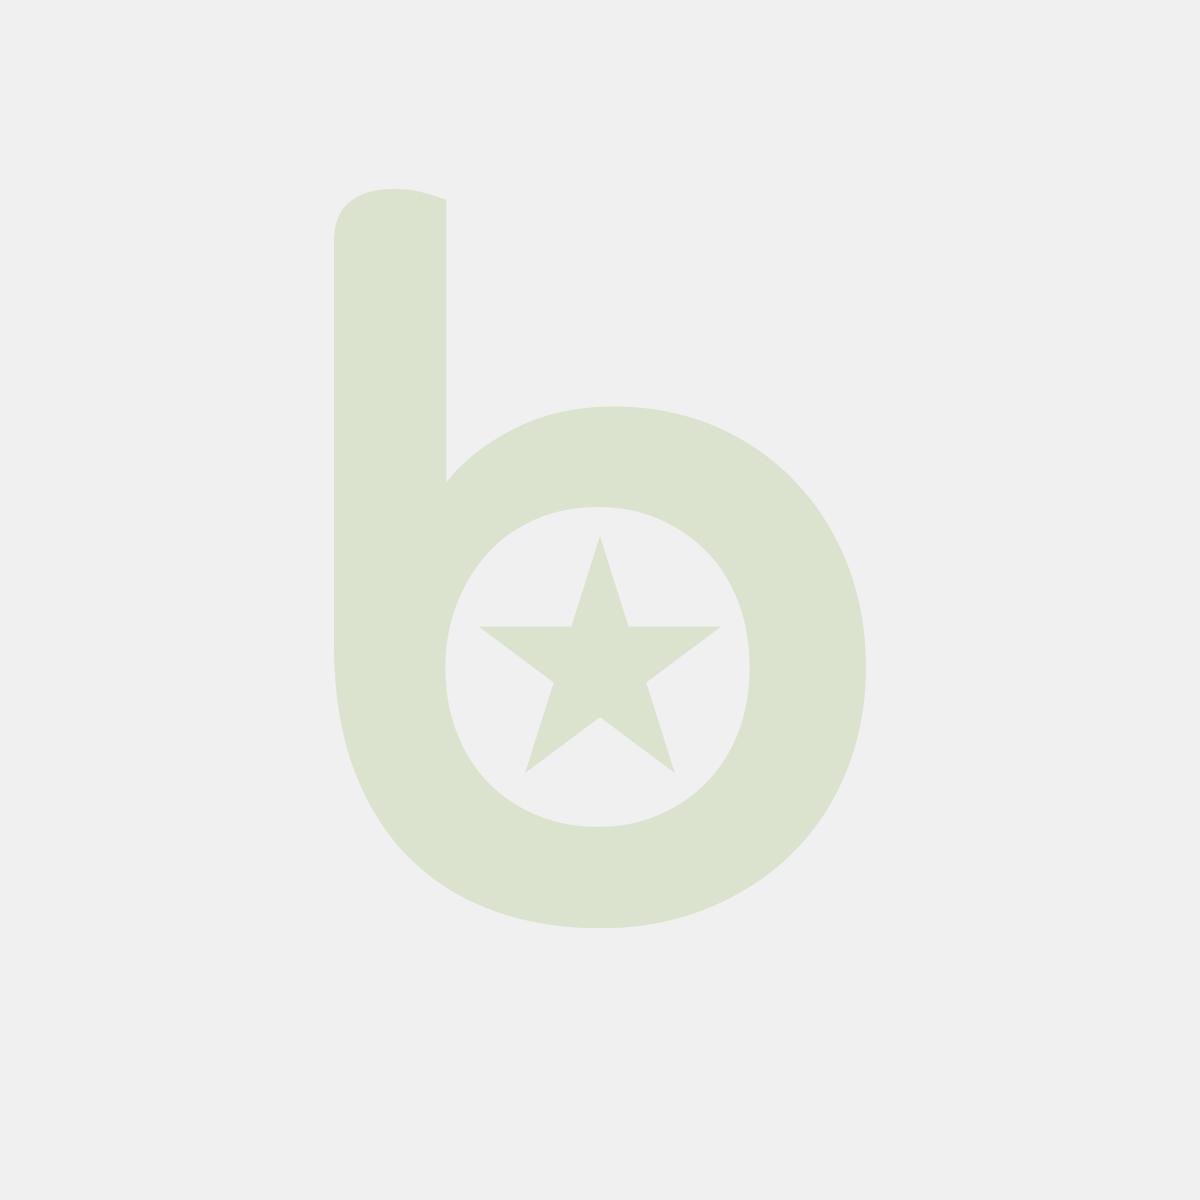 Podnóżek KENSINGTON SoloMate, z regulacją (x1), 450x350mm, szary